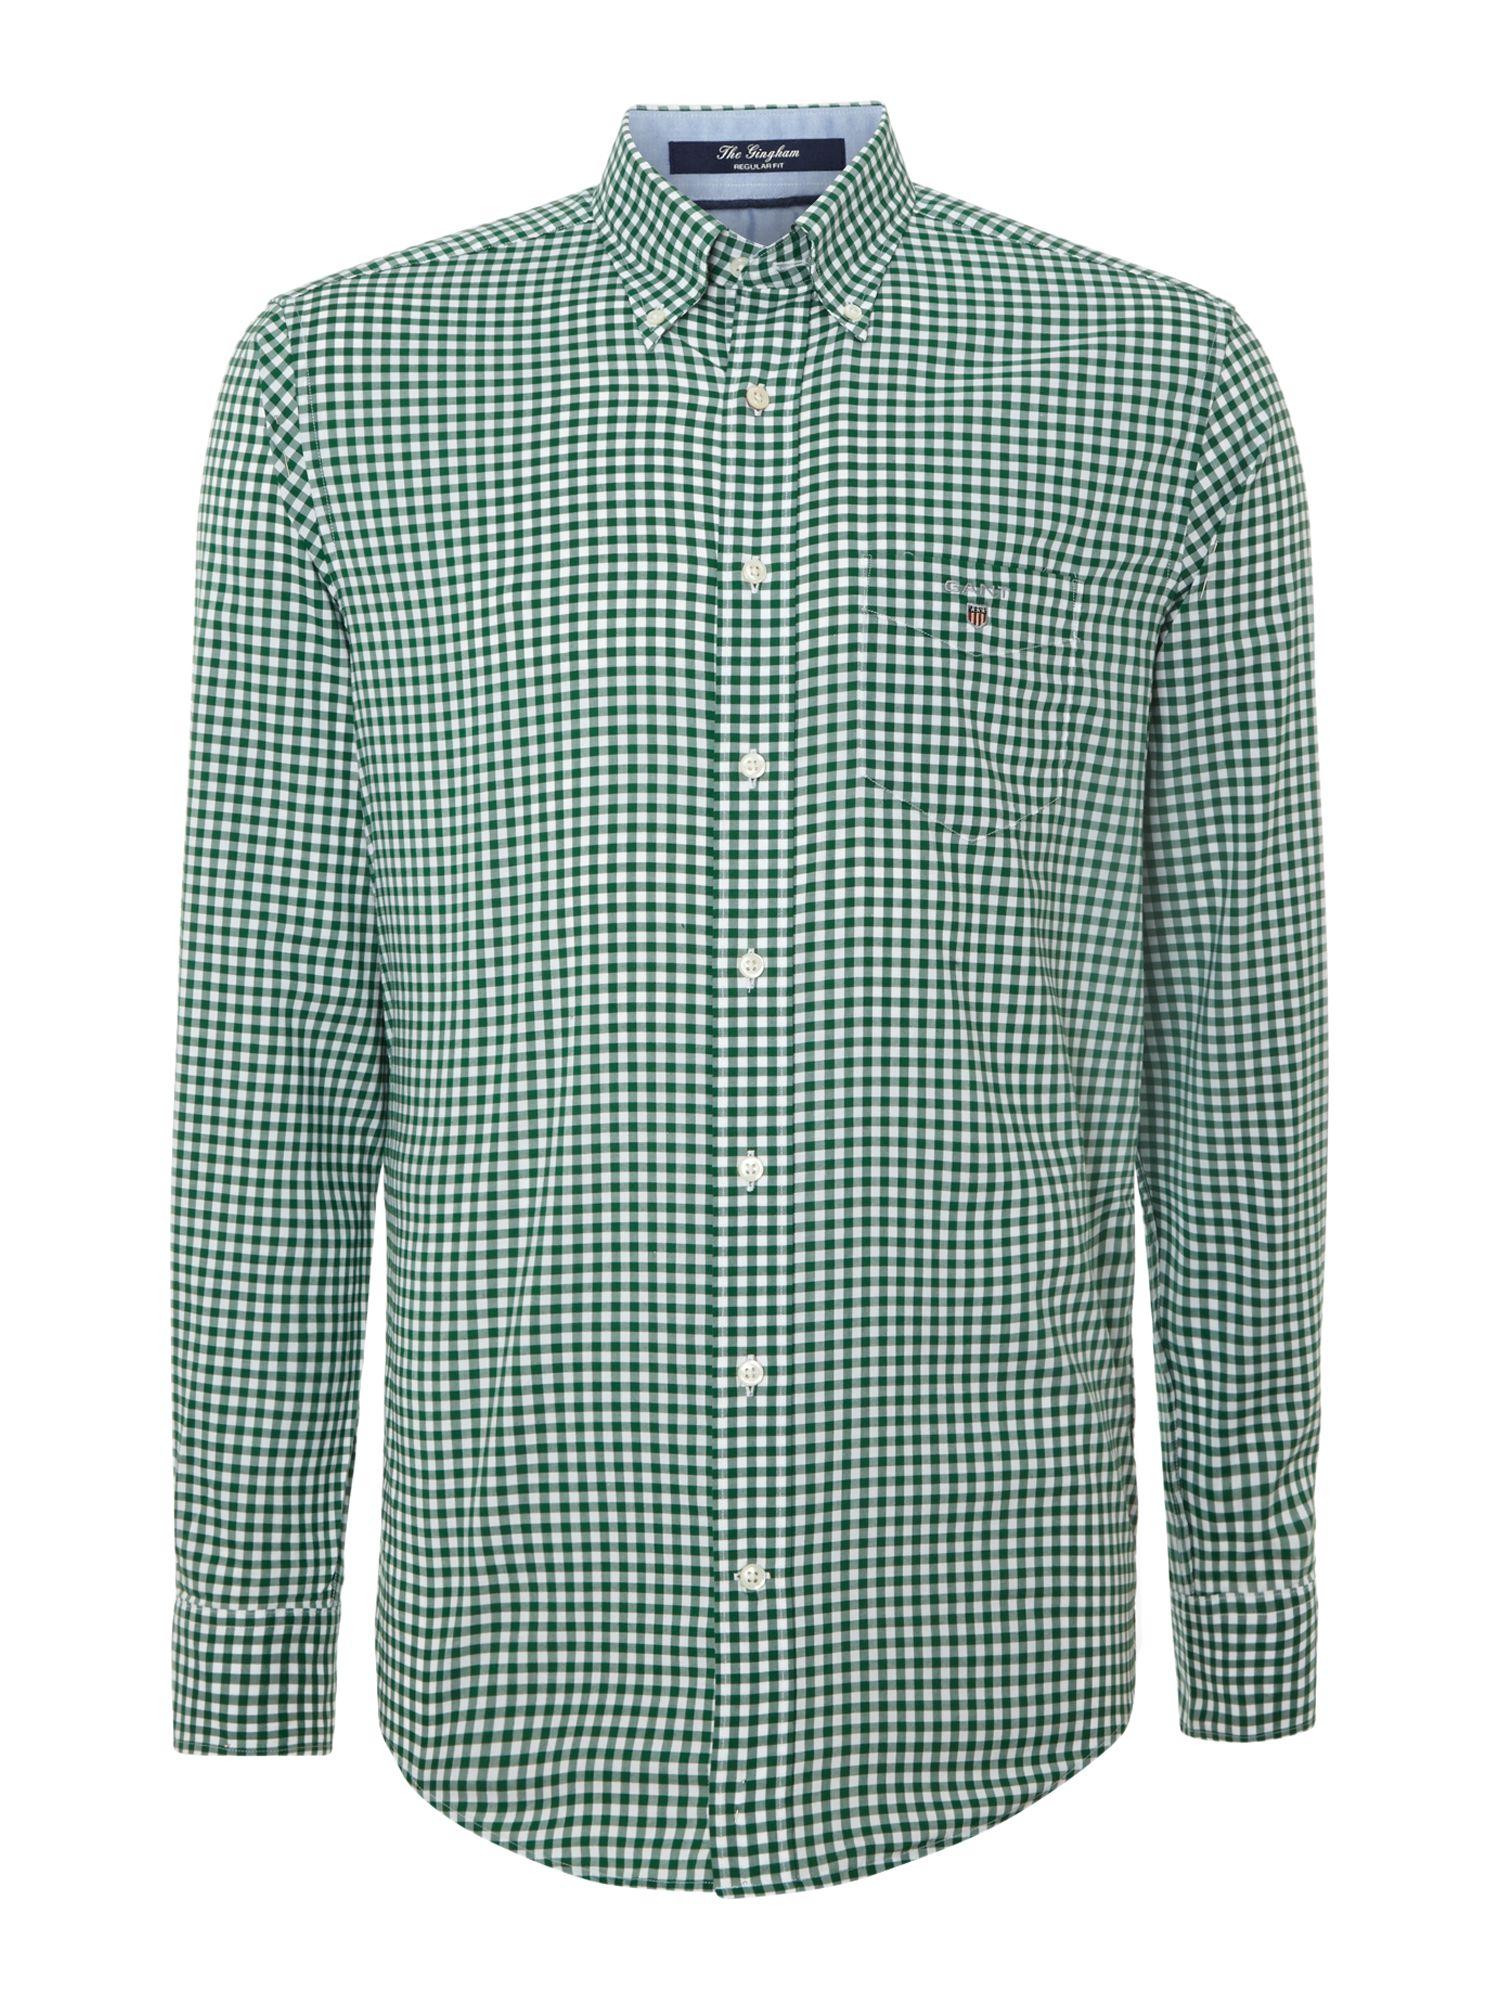 Gant Long Sleeved Gingham Shirt In Green For Men Lyst